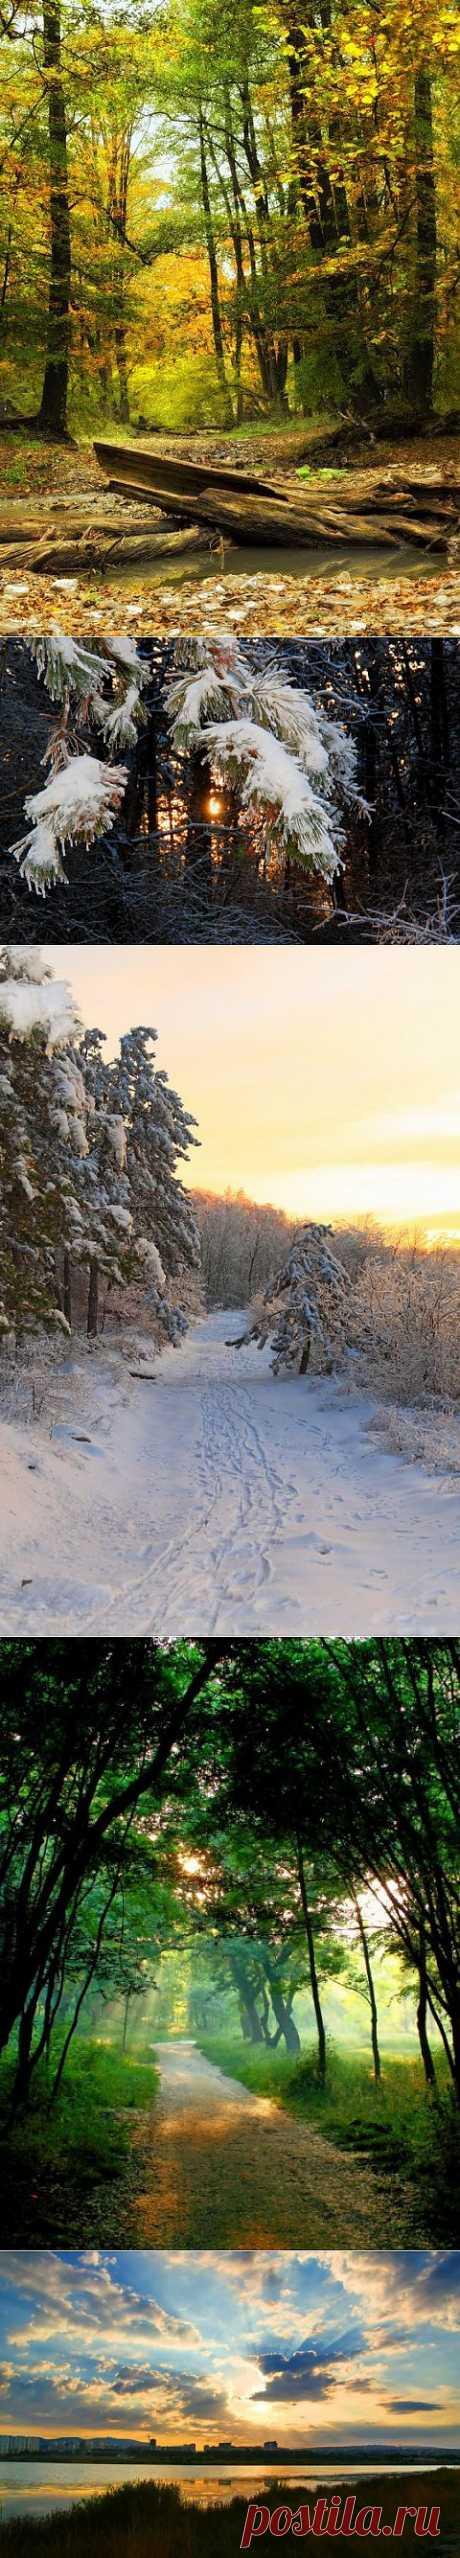 Seasons | Fotoiskusstvo